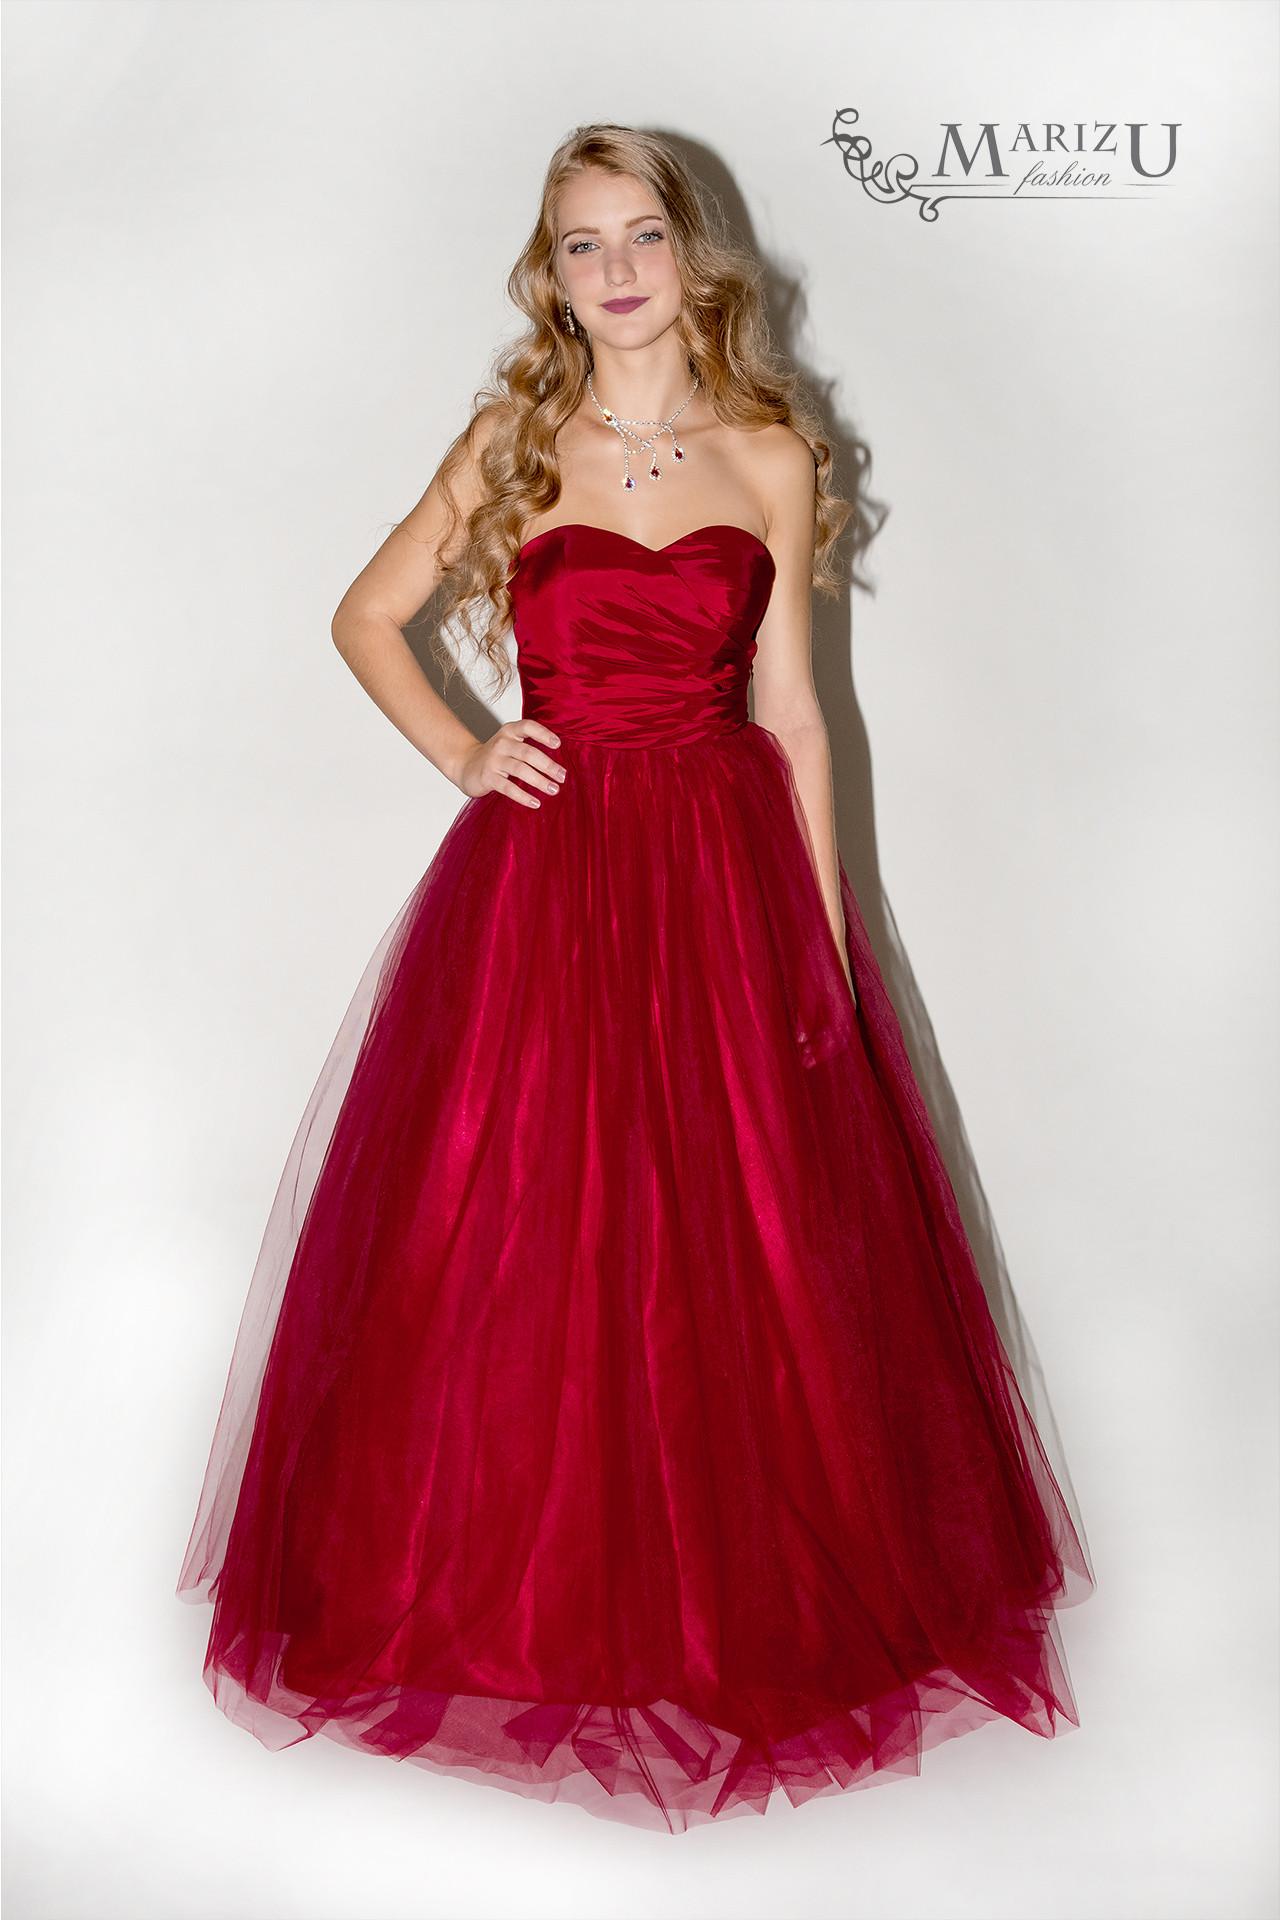 Marizu fashion nádherné vínově červené maturitní 49485b32756